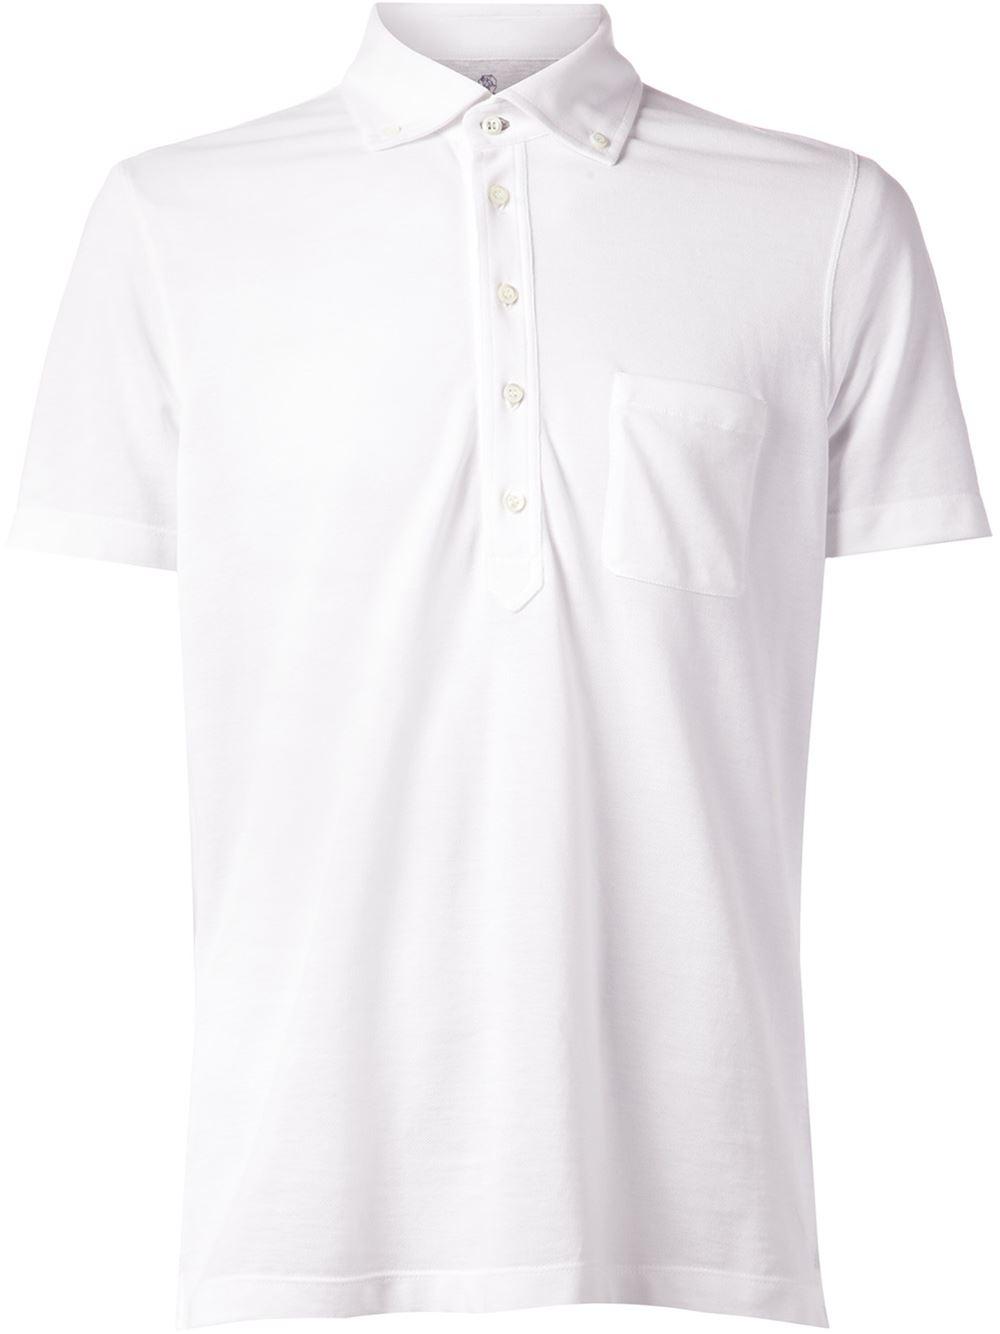 Brunello cucinelli button down collar polo shirt in white for White button down collar shirt